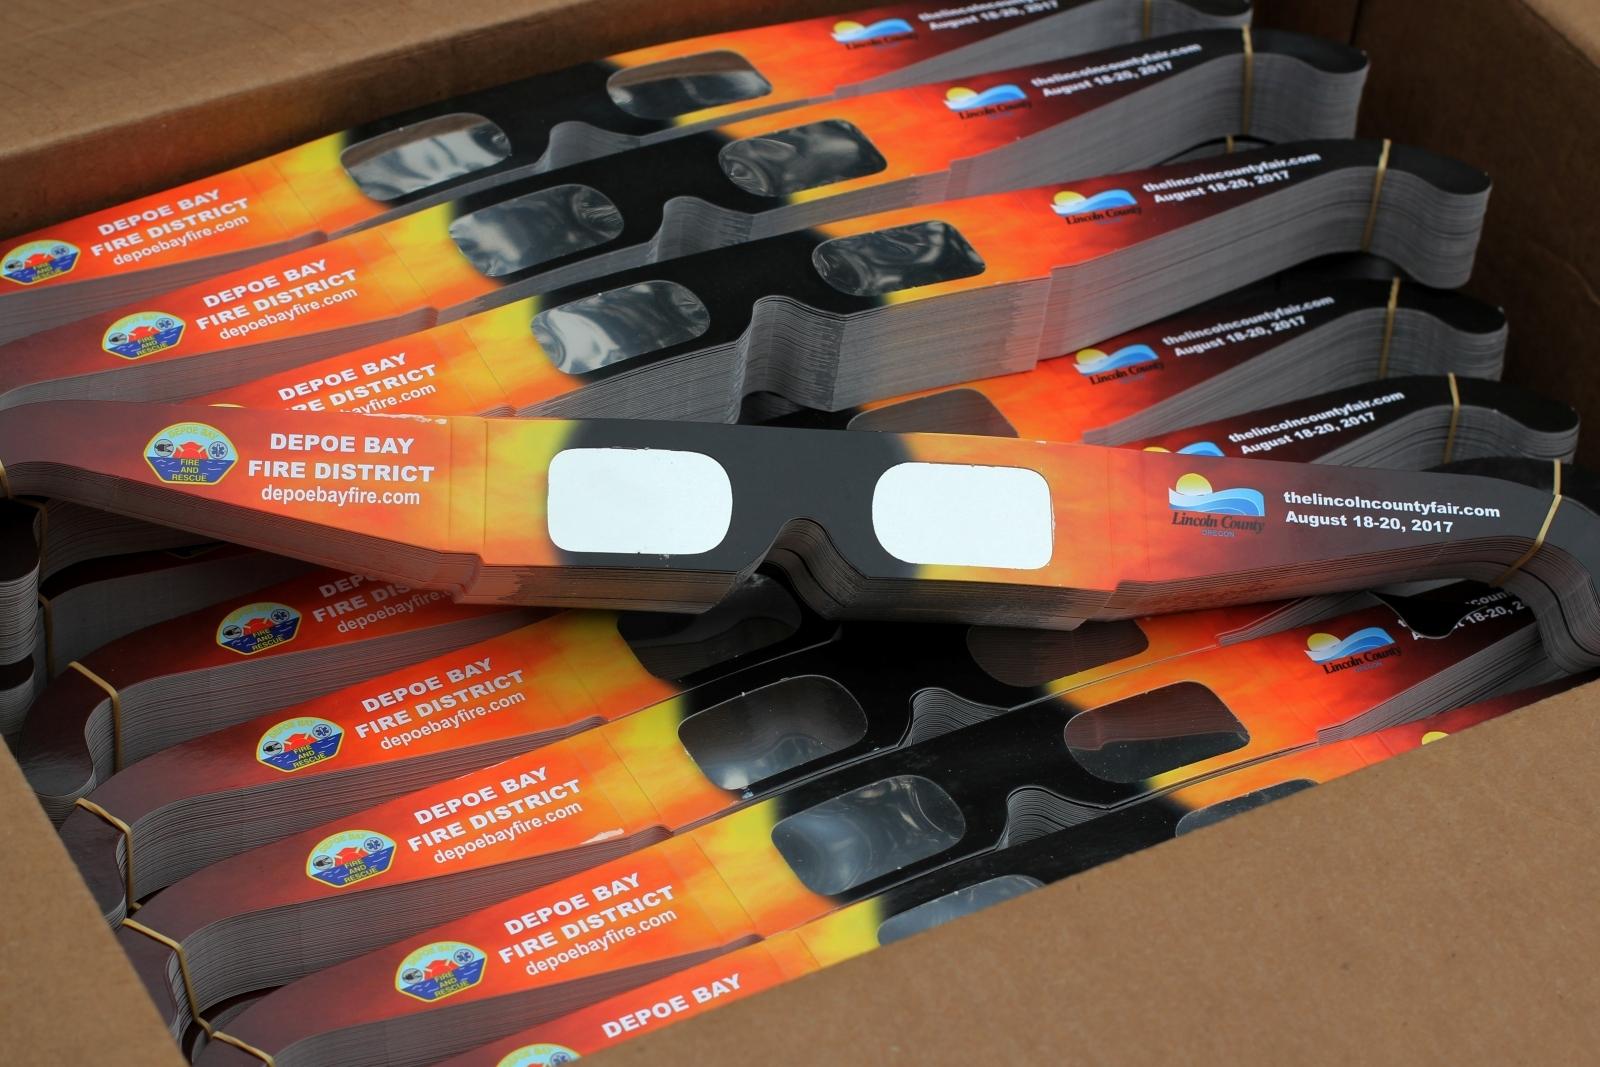 Amazon lawsuit eclipse